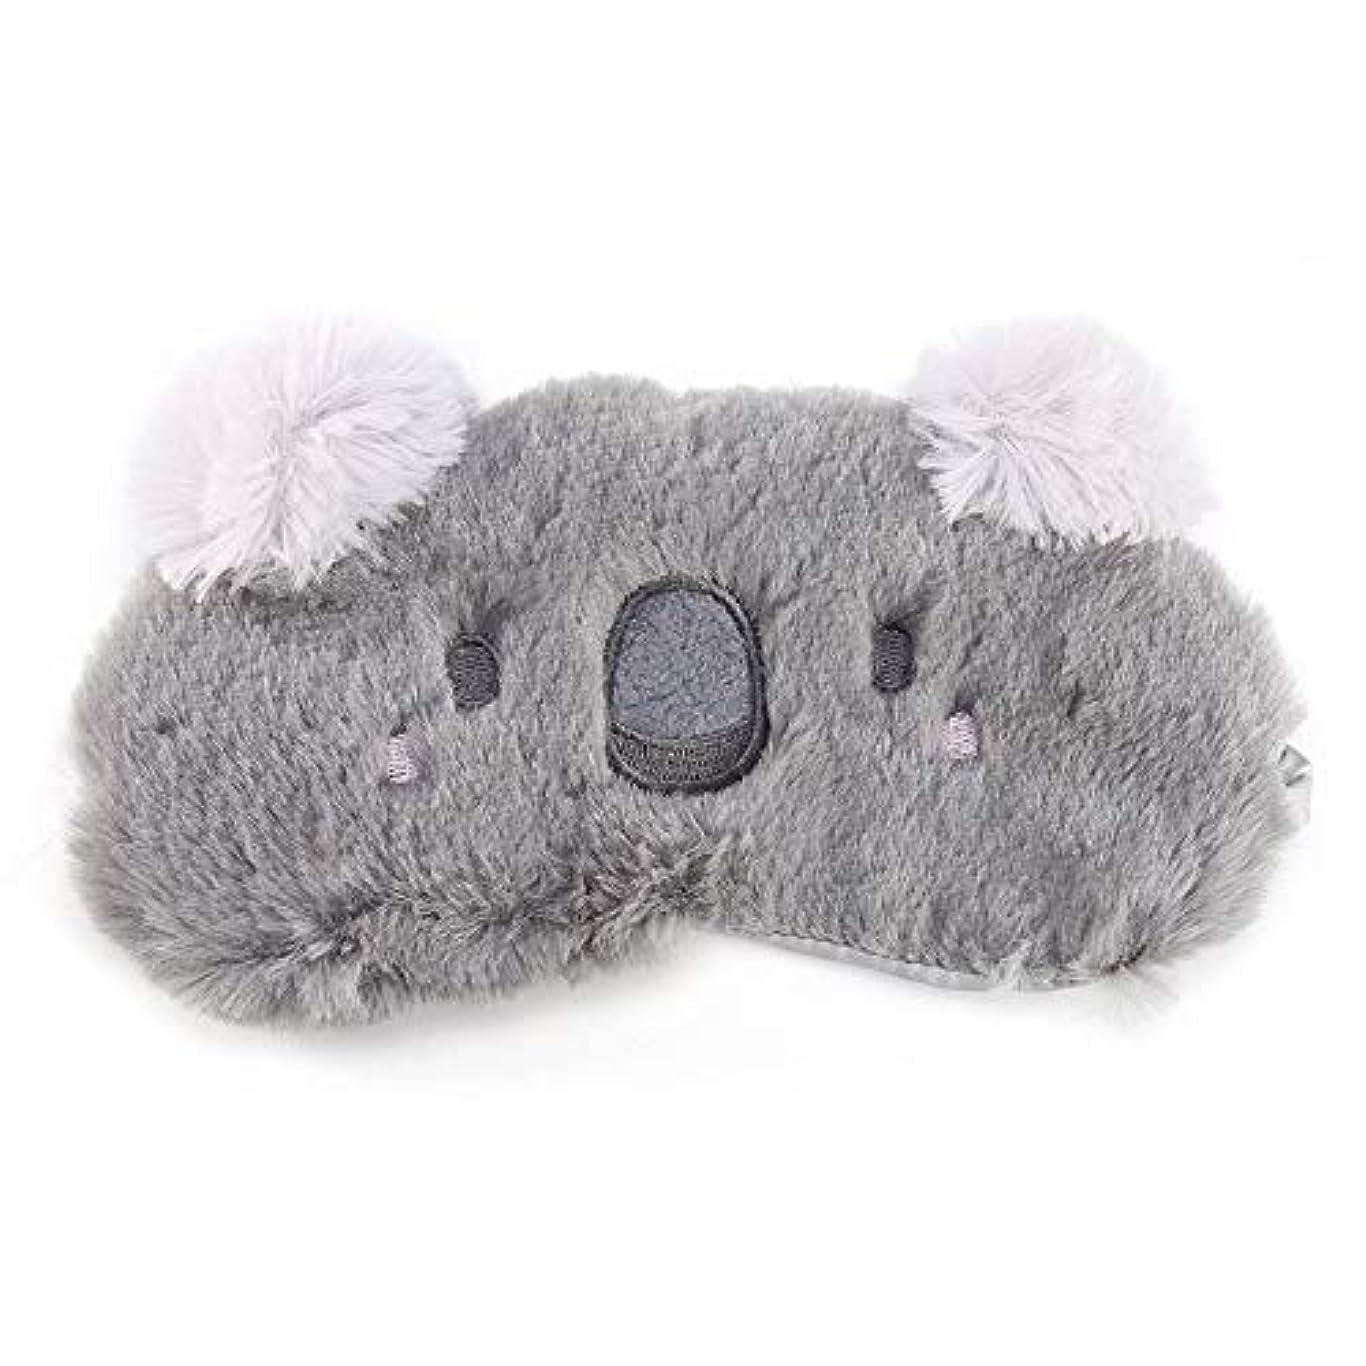 予防接種極地持ってるNOTE 漫画睡眠マスクかわいい動物アイカバー睡眠アイシェードクリスマス鹿旅行昼寝アイシェード目隠しぬいぐるみ睡眠マスク